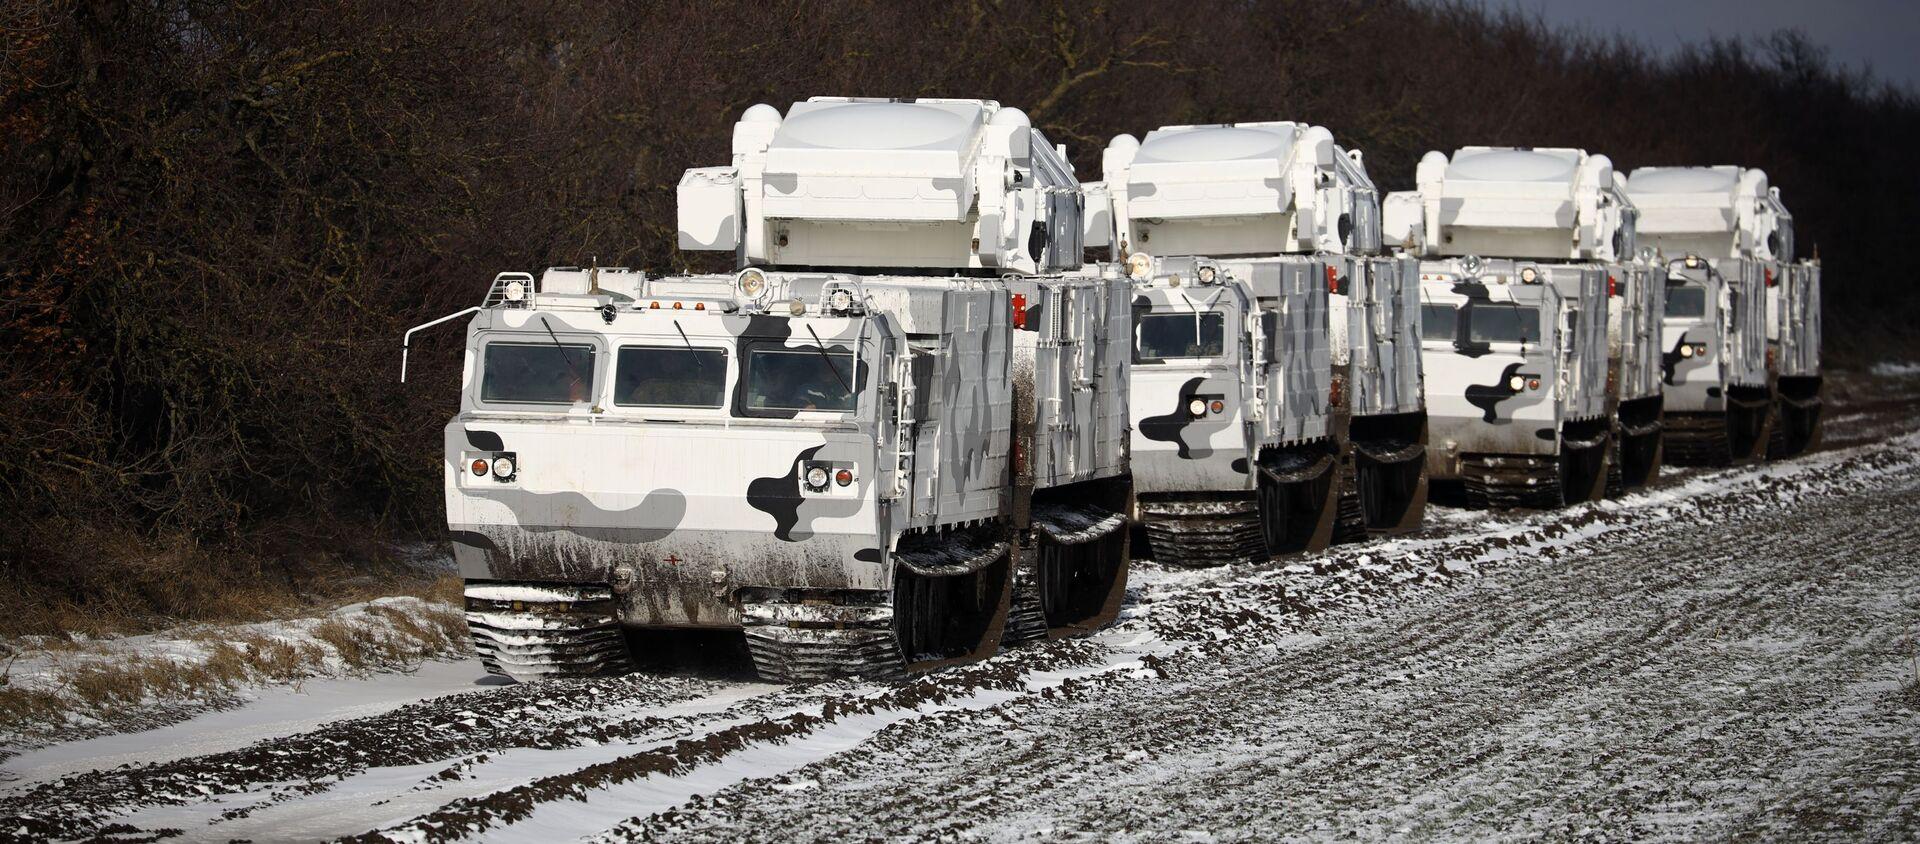 Hệ thống phòng không Bắc Cực Tor-M2DT trên khung gầm của xe địa hình DT-30 sau nghi thức bàn giao cho đội hình tổ hợp vũ trang của Hạm đội phương Bắc trên lãnh thổ Trung tâm huấn luyện phòng không quân sự 726 TP. tại thành phố Yeisk. - Sputnik Việt Nam, 1920, 18.04.2021